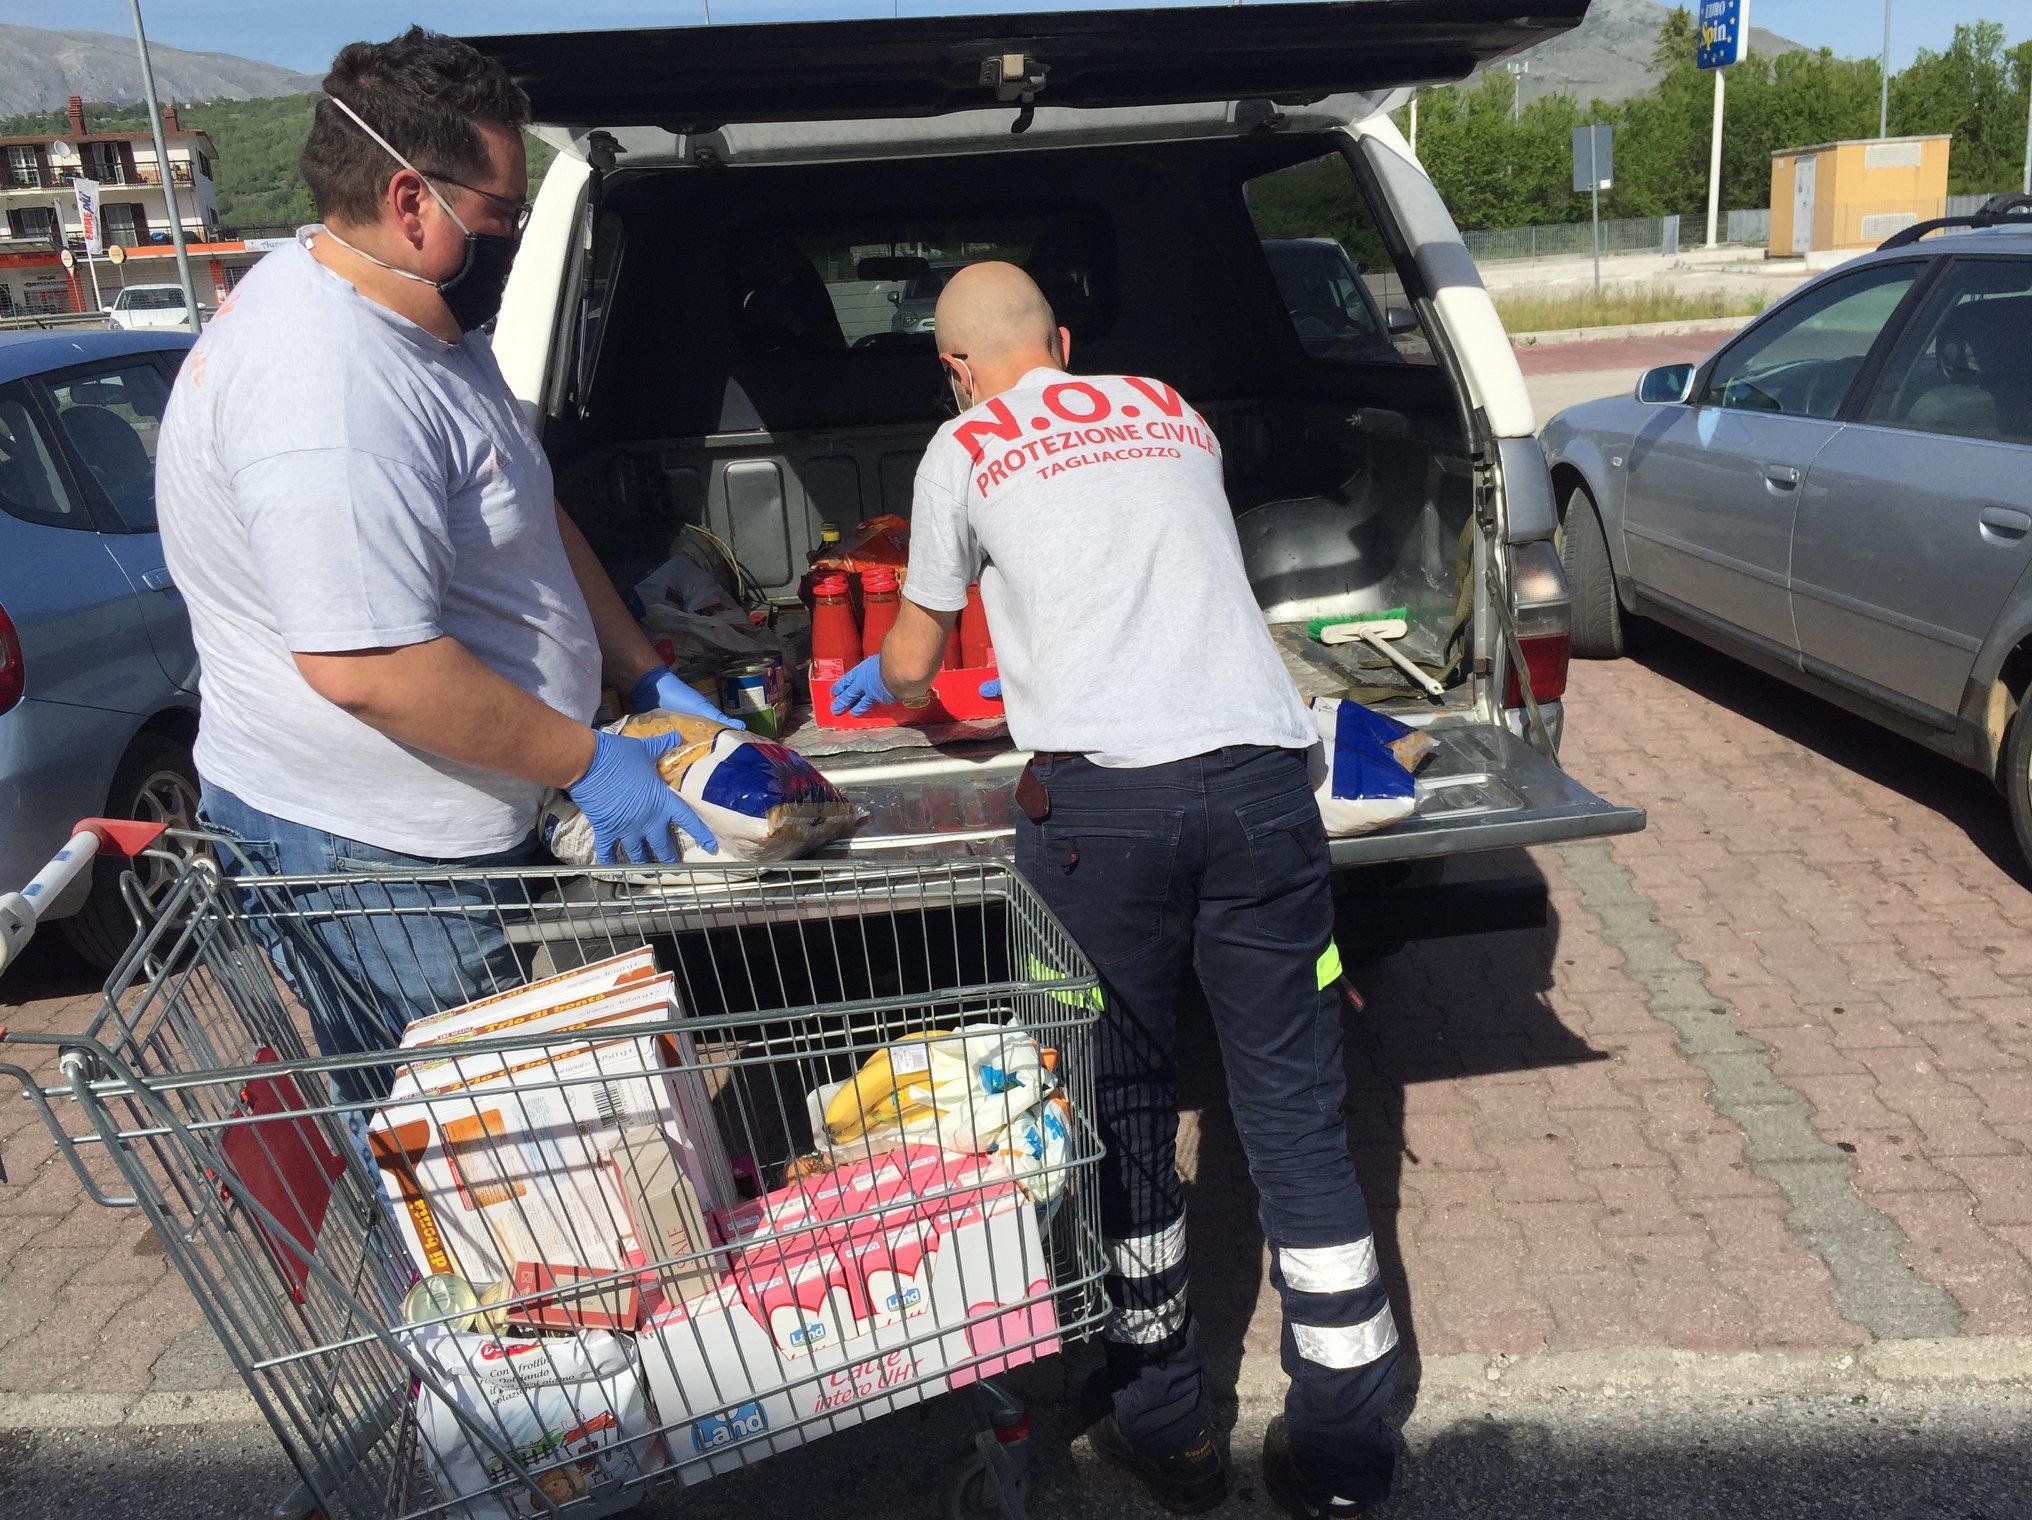 """Grande lavoro dei Volontari della Protezione Civile, Novpc di Tagliacozzo """"Andiamo avanti restandovi vicini, ma non abbassiamo la guardia"""""""